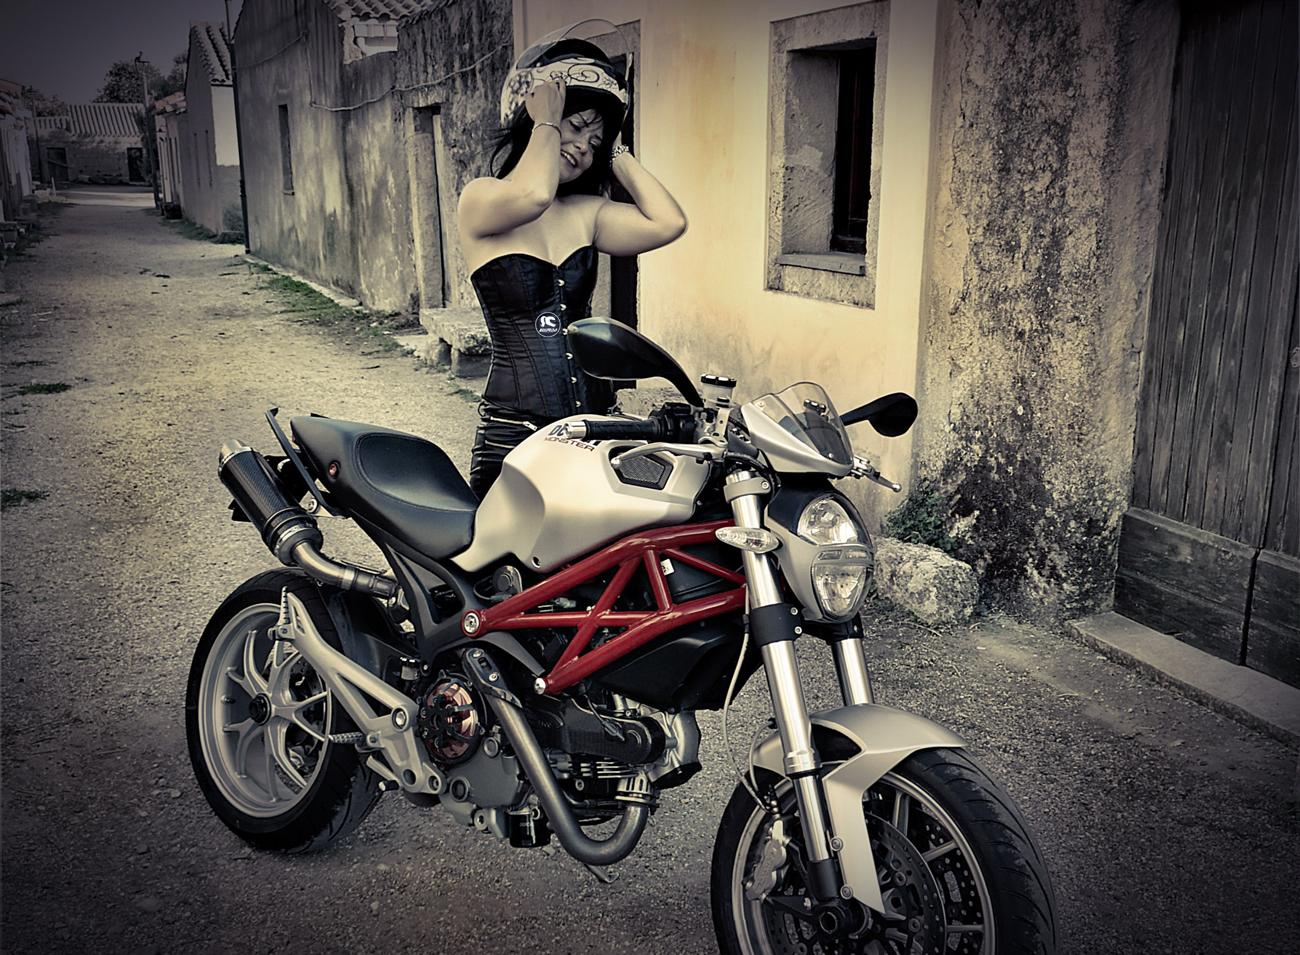 letizia_ragazze_in_moto